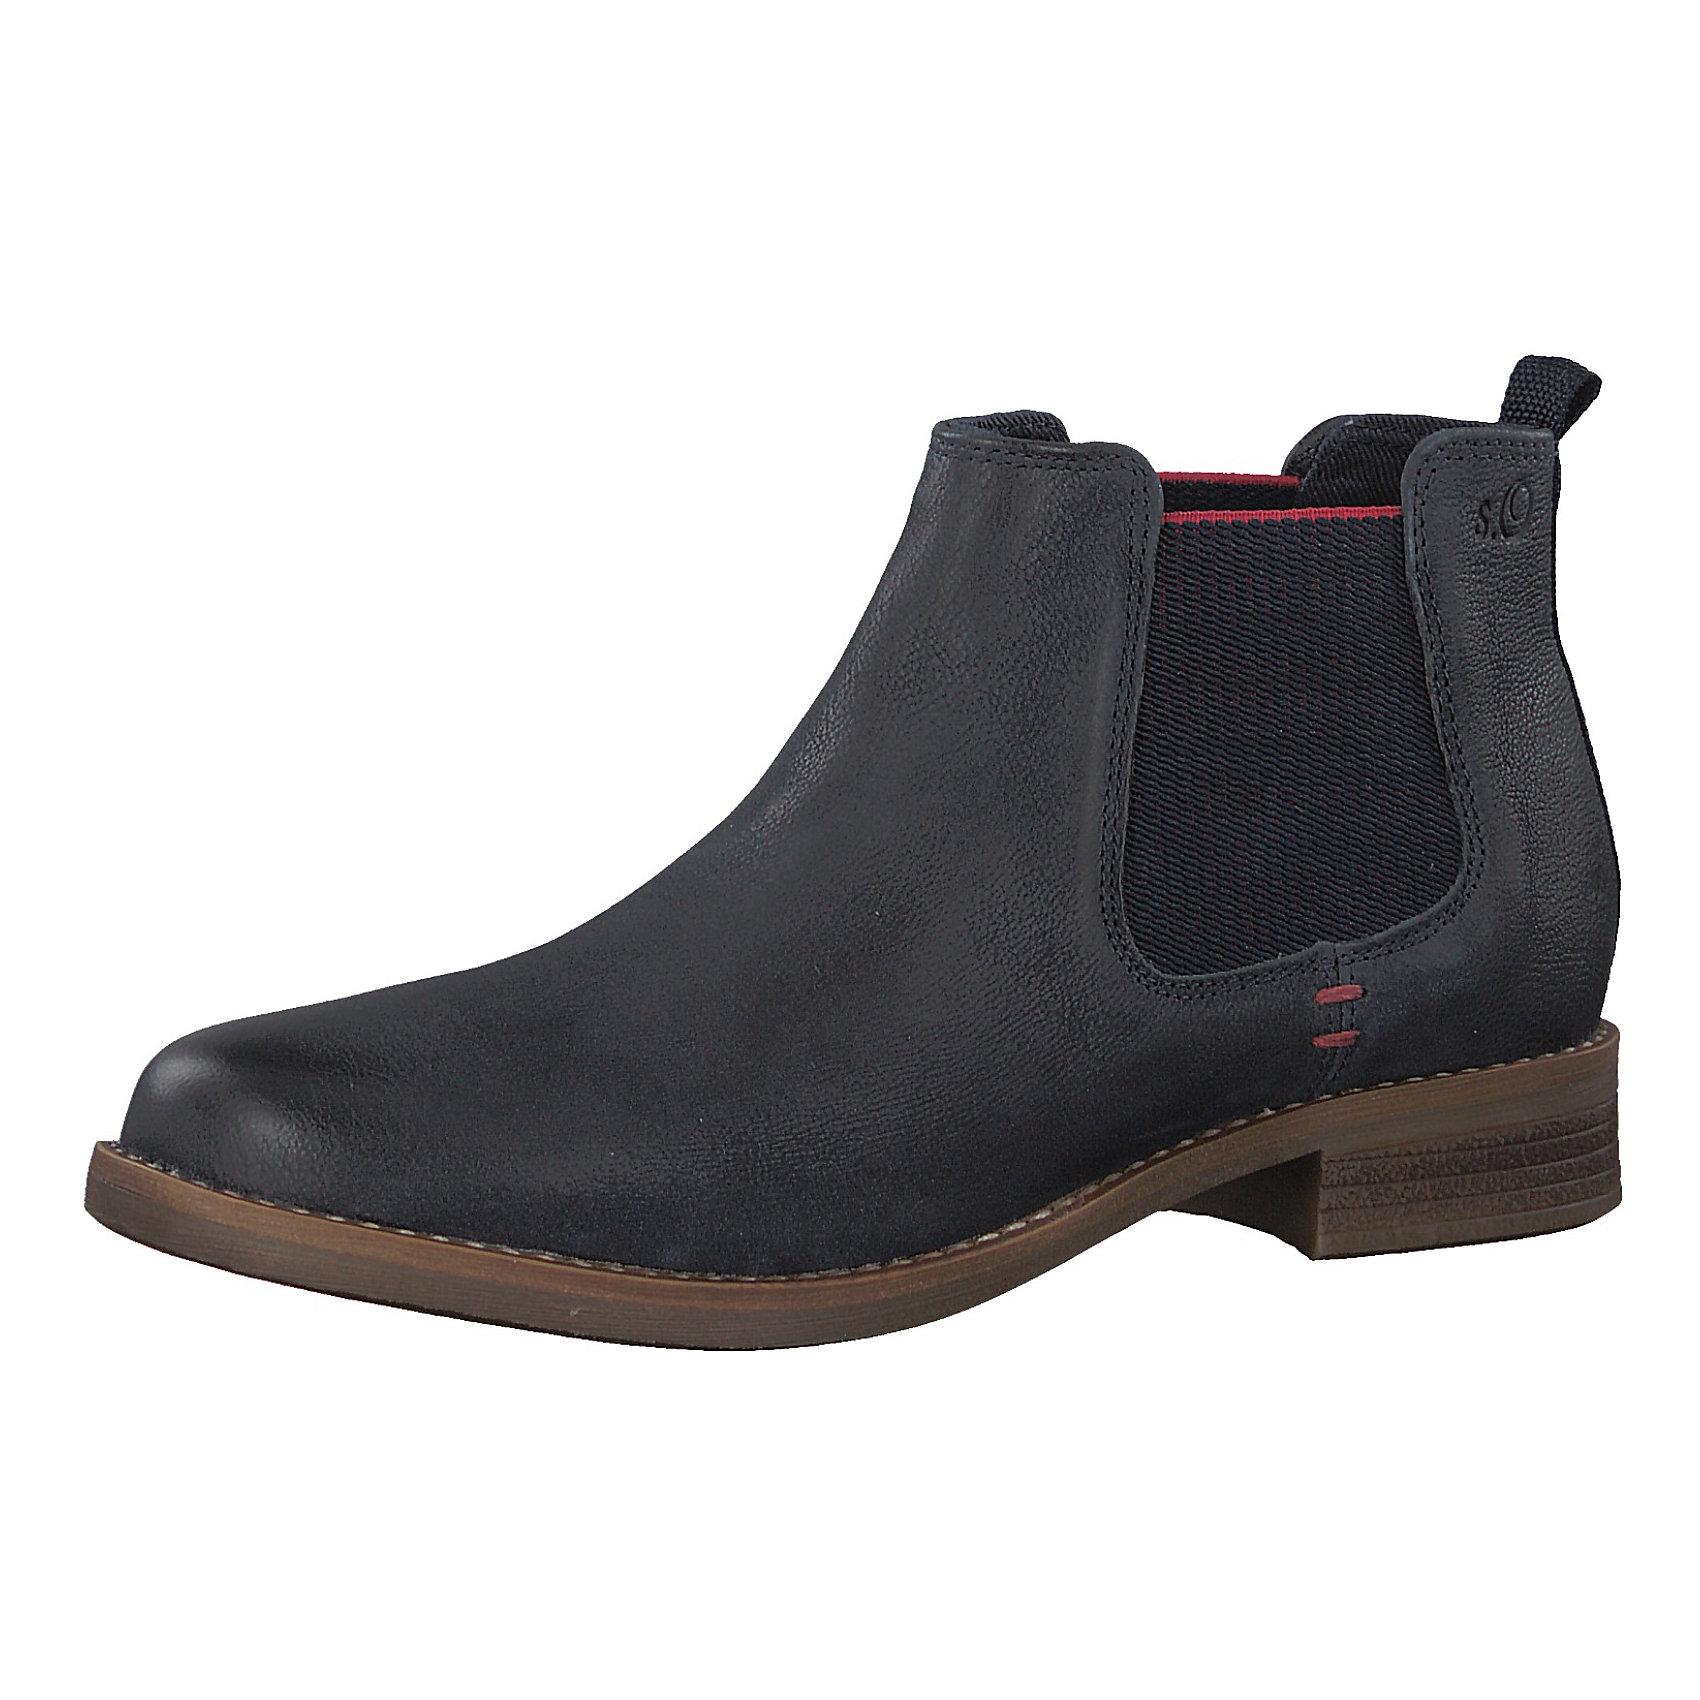 neu s oliver chelsea boots 8417114 f r damen schwarz ebay. Black Bedroom Furniture Sets. Home Design Ideas